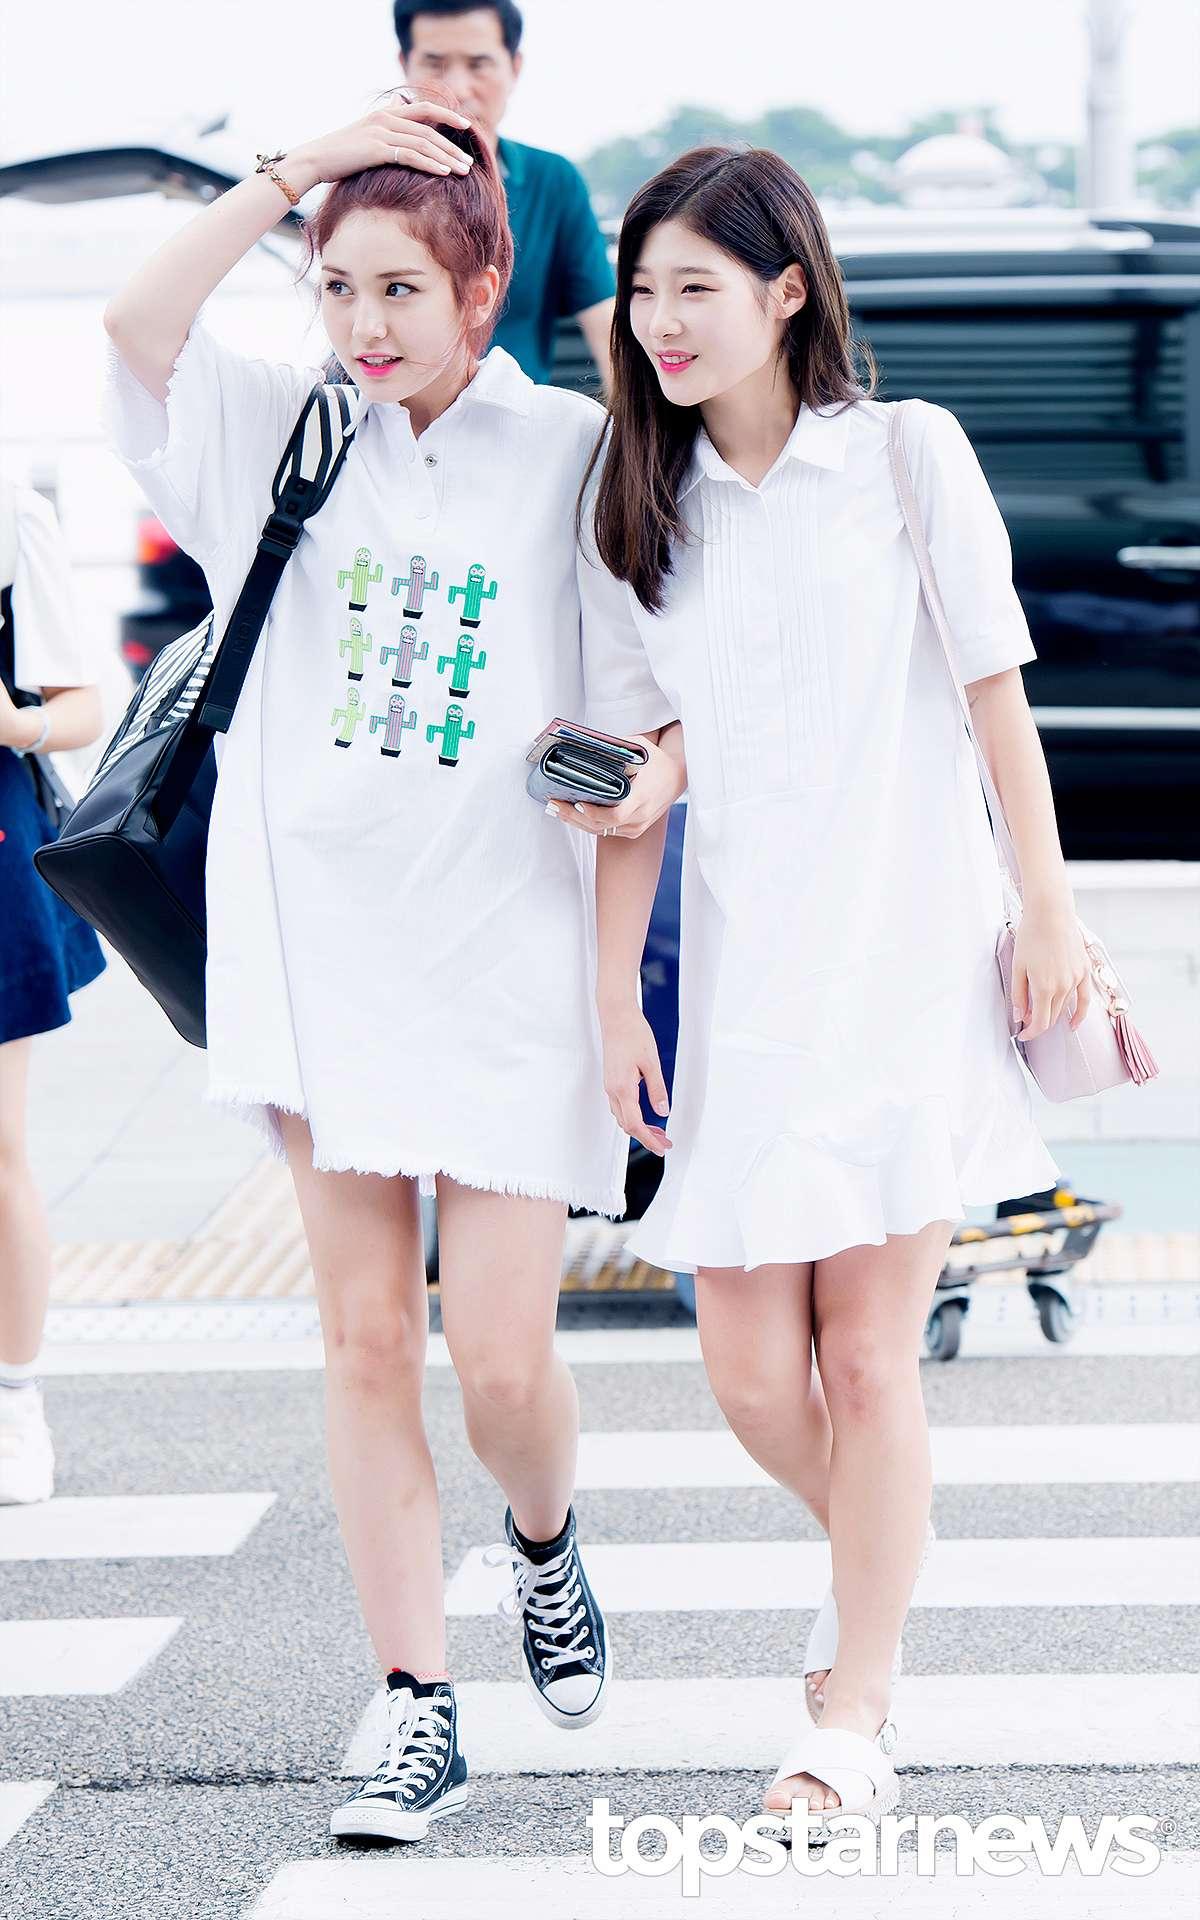 另外還有一位苦主(?)彩妍,也被評為記者隨便抓拍也比較美